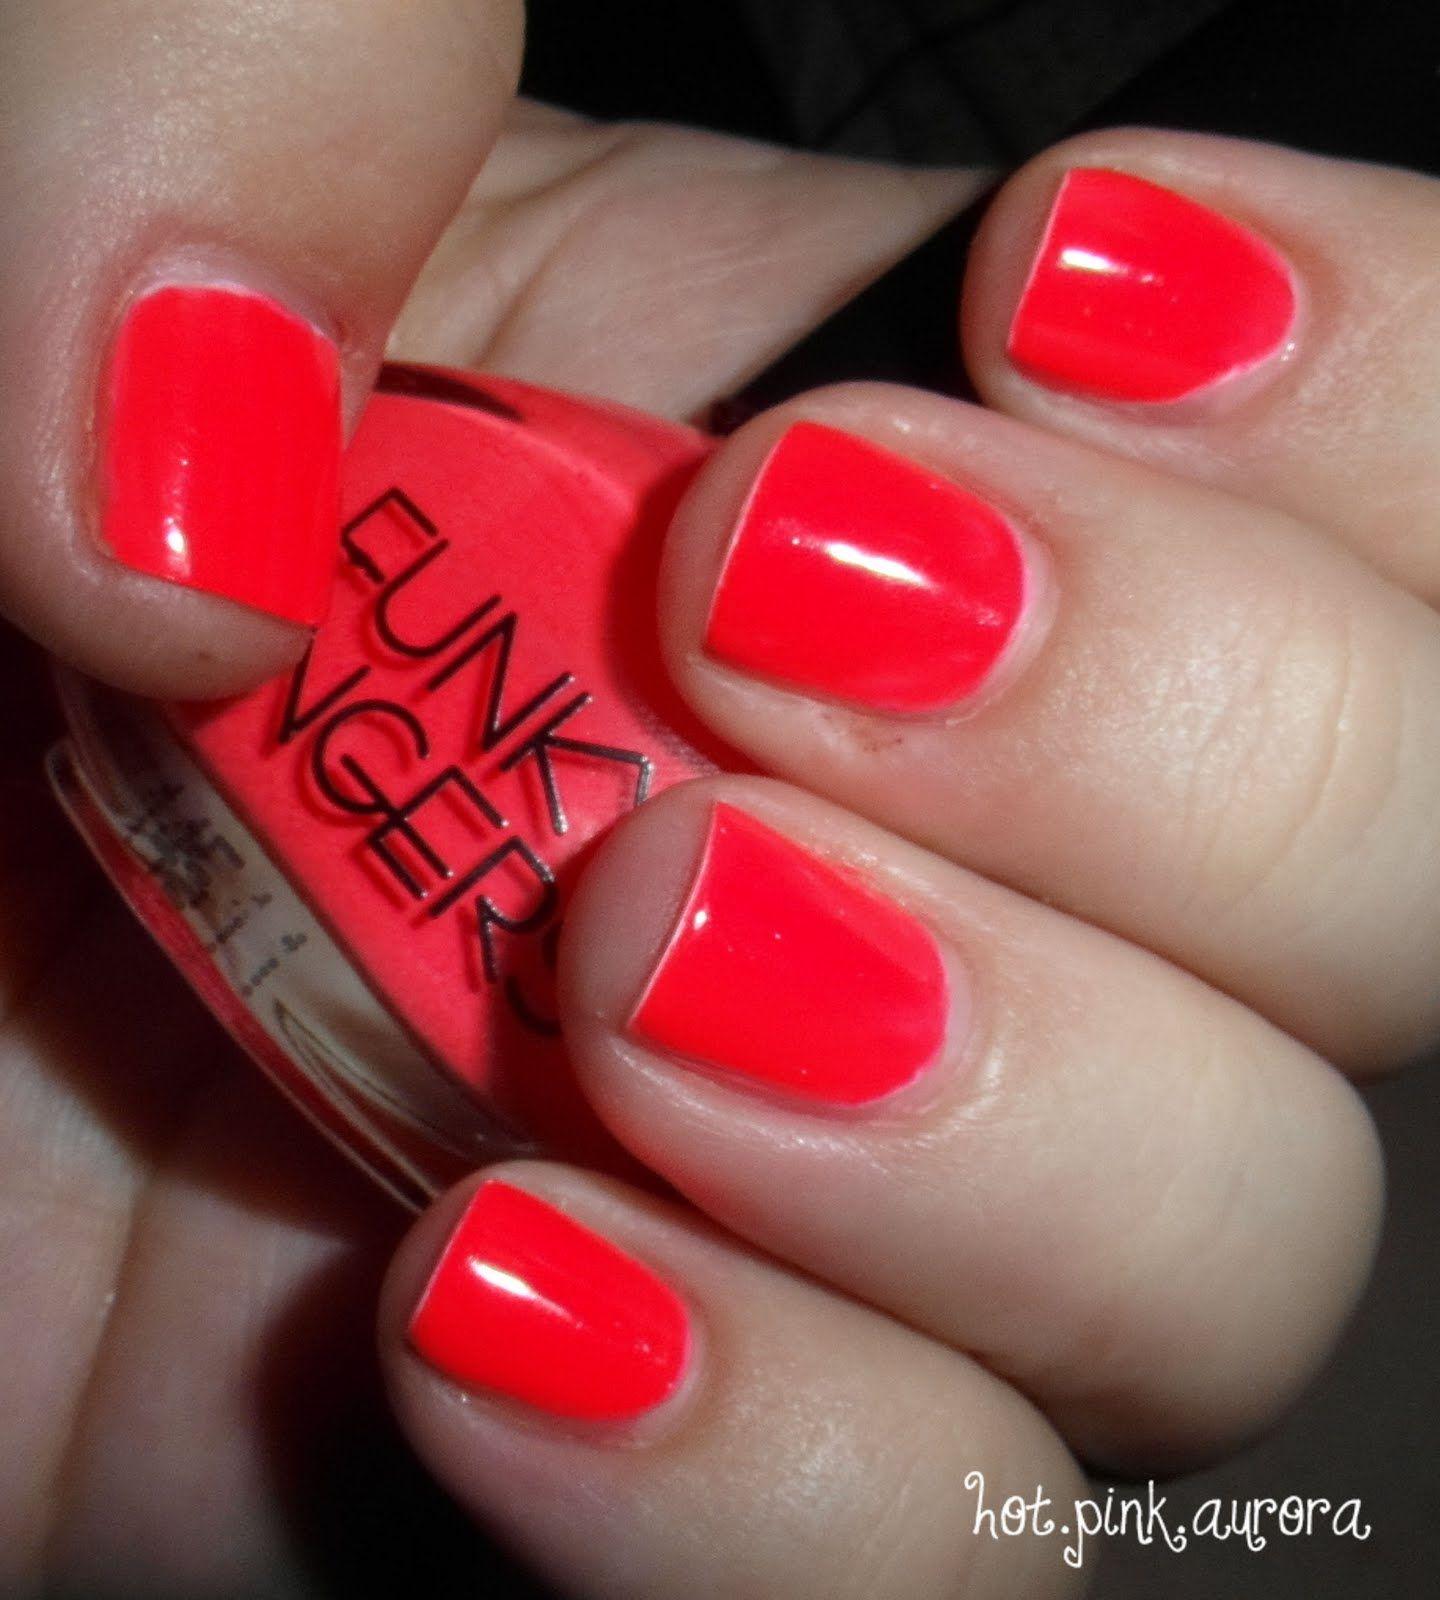 neon nail polish | Nails & Makeup | Pinterest | Neon nail polish ...